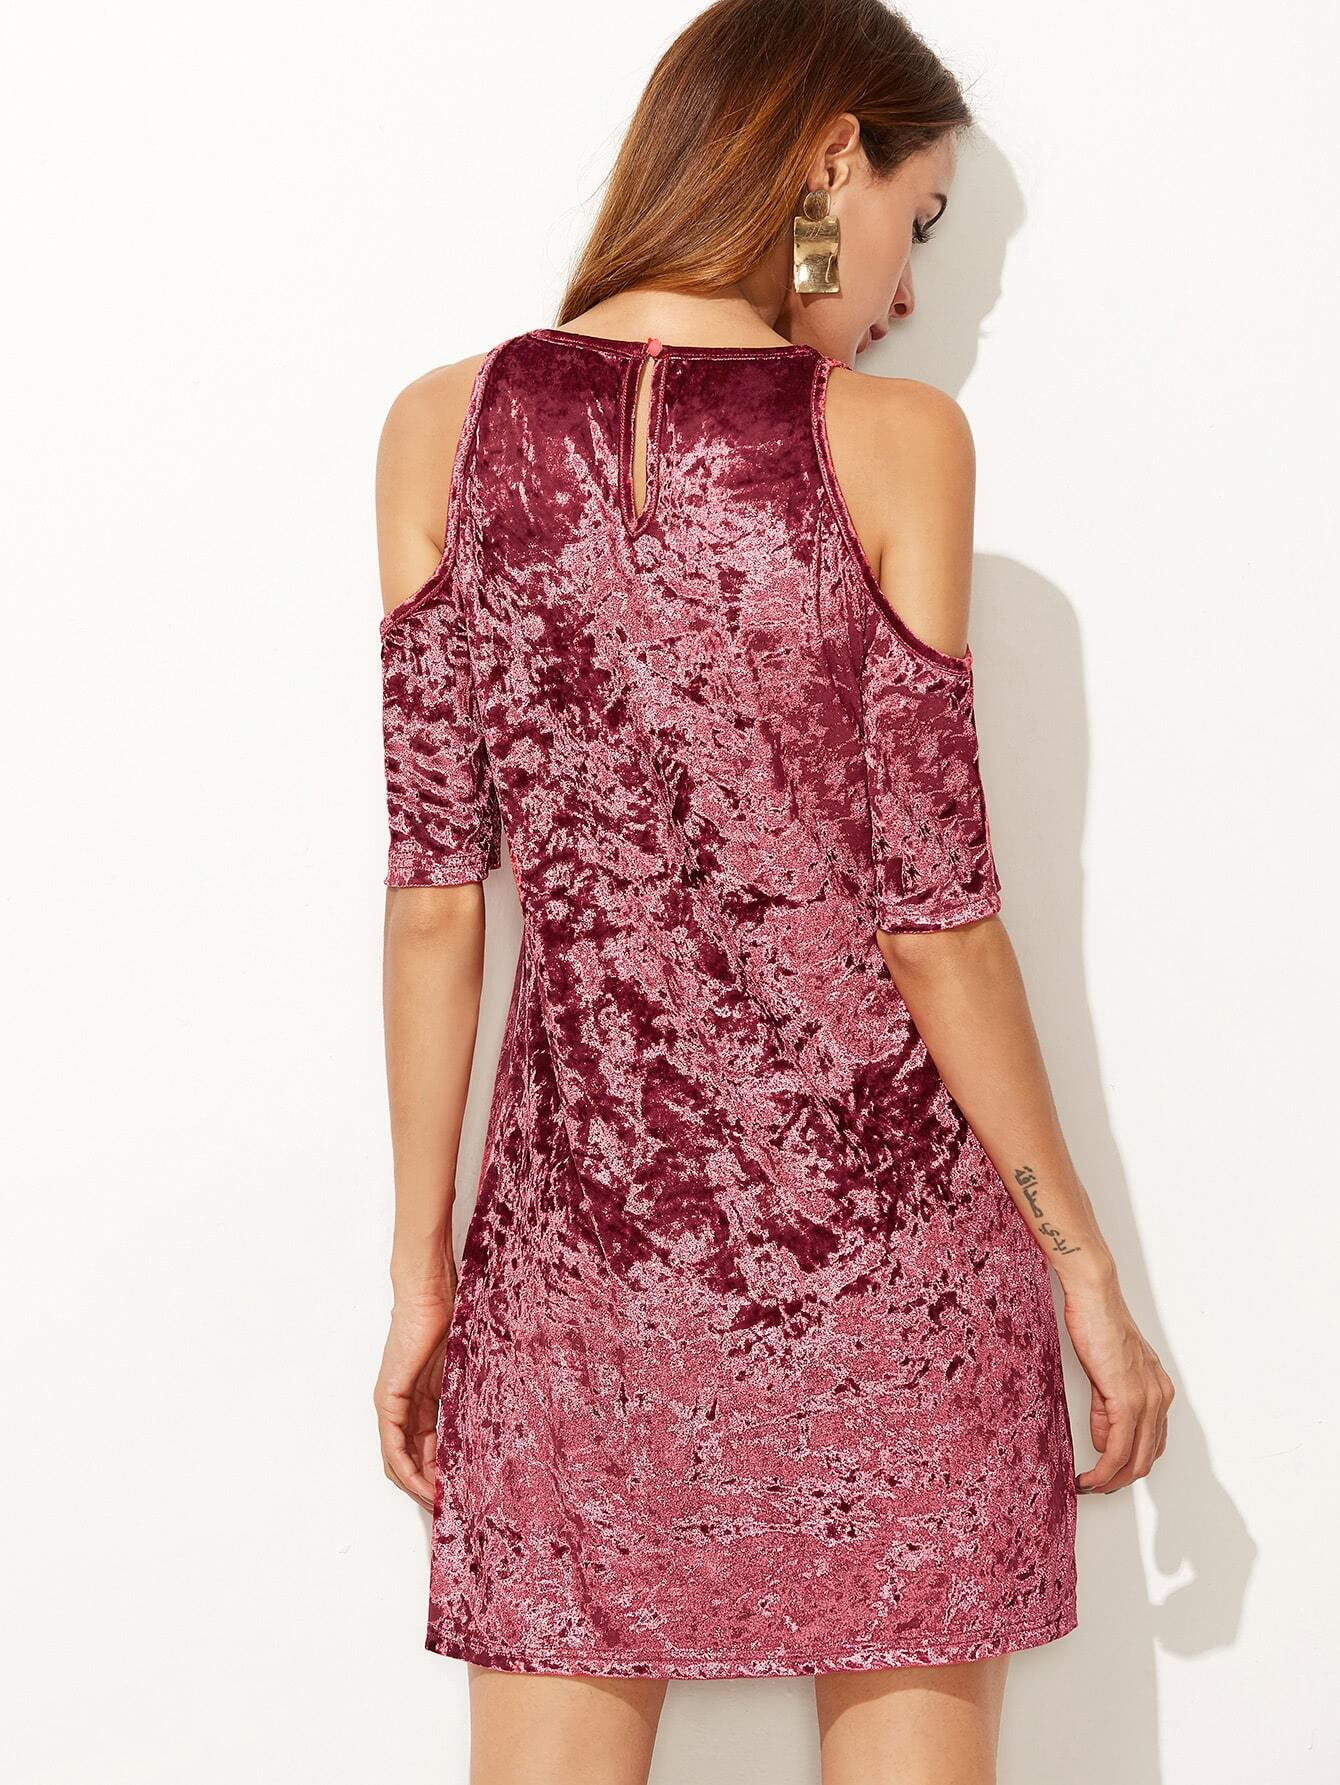 dress161101706_2